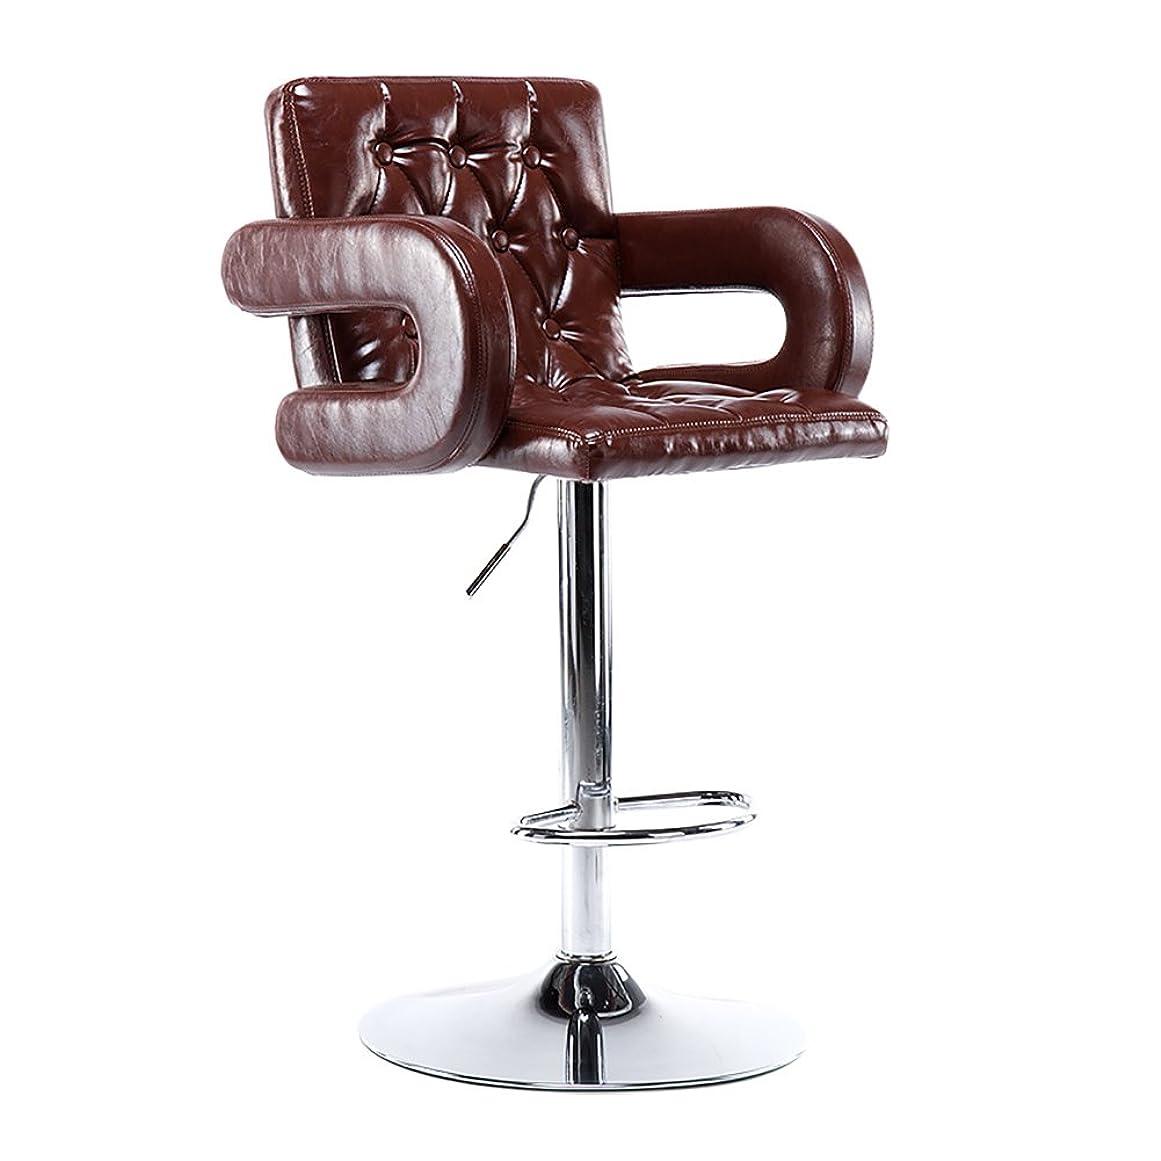 ソーシャル置くためにパック病者毎日の家 多機能スイベルチェア、美容ローラースツール、調節可能な高さ、ホイール付き、360度回転、快適な椅子、アームレスト付き、最大荷重150kg (色 : ブラウン-2, サイズ さいず : BEST)